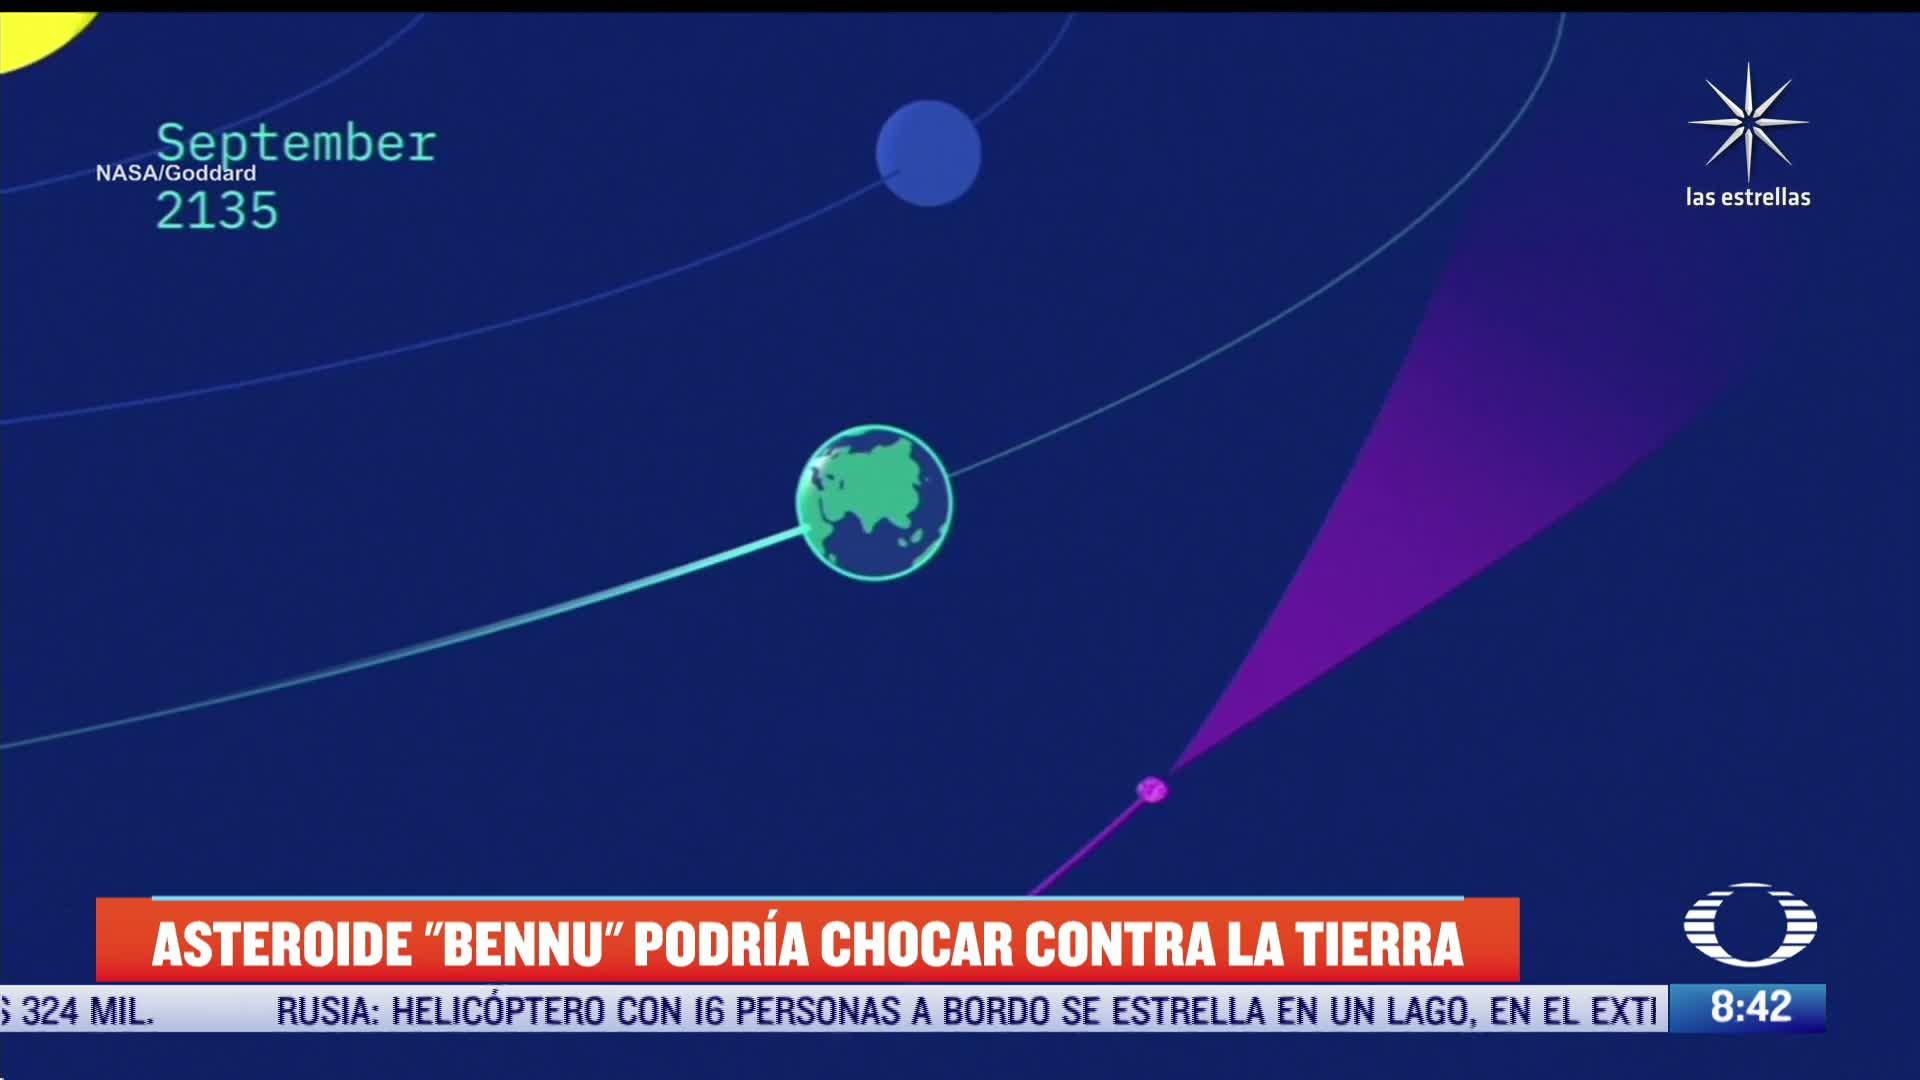 Científicos de la NASA advirtieron que han aumentado las probabilidades de que el asteroide 'Bennu' choque contra la Tierra, a partir del 2135